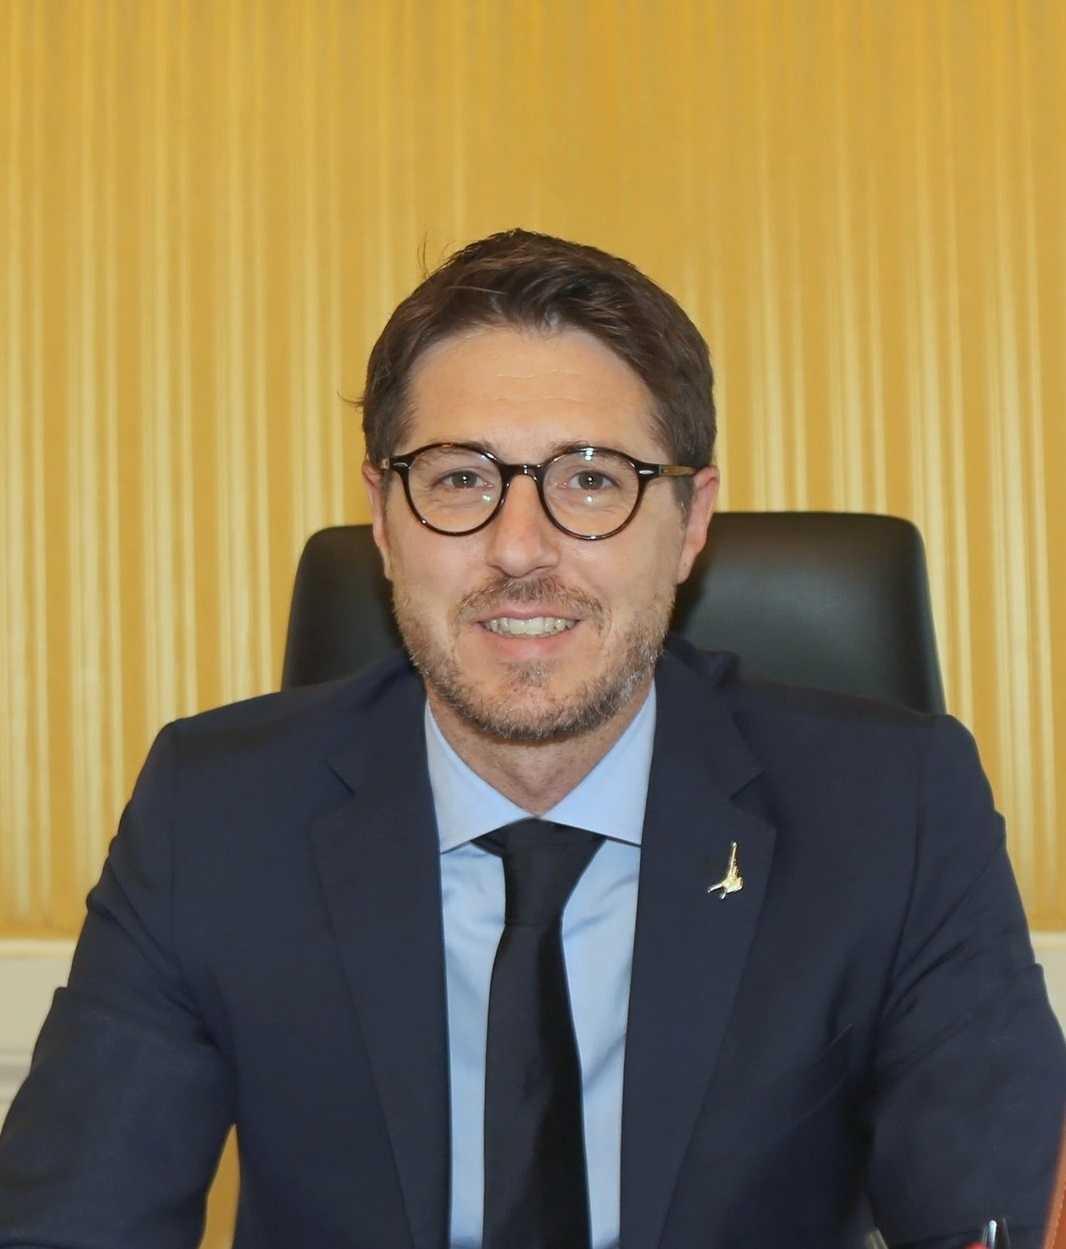 Il Sottosegretario Molteni nel teramano per parlare di prevenzione e sicurezza. Giovedì 24 giugno